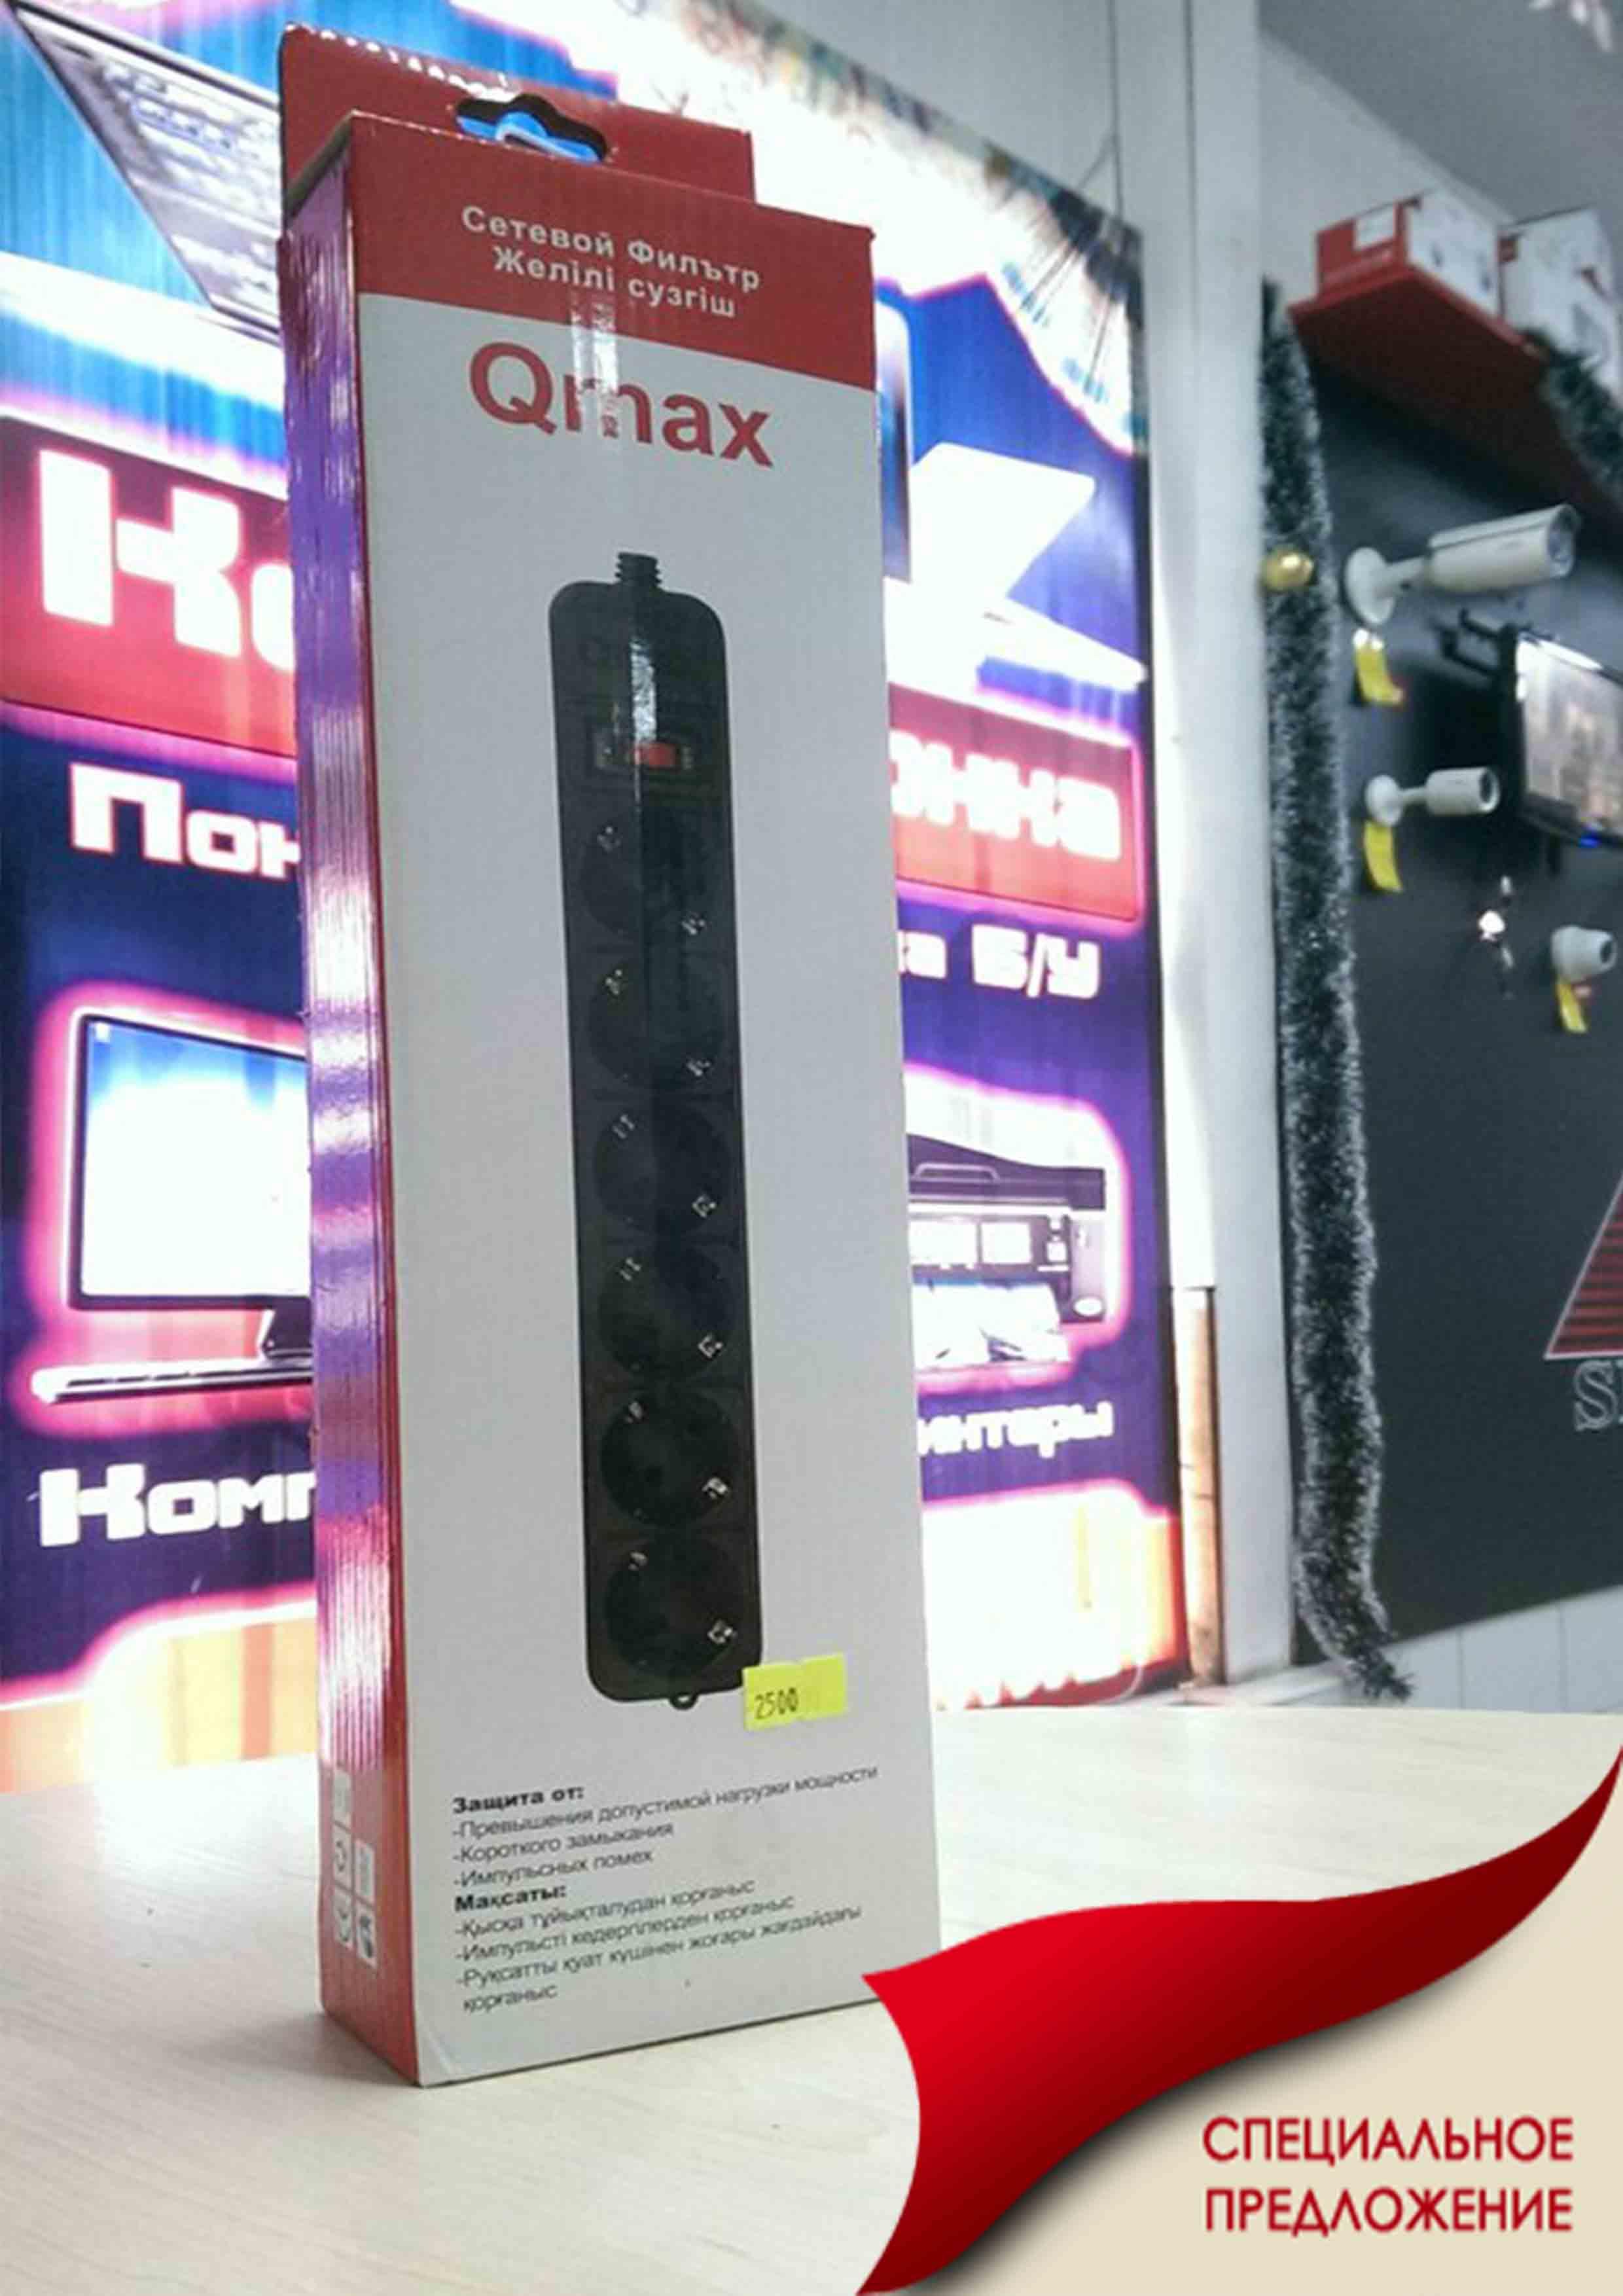 Сетевой фильтр Qmax 5 метров